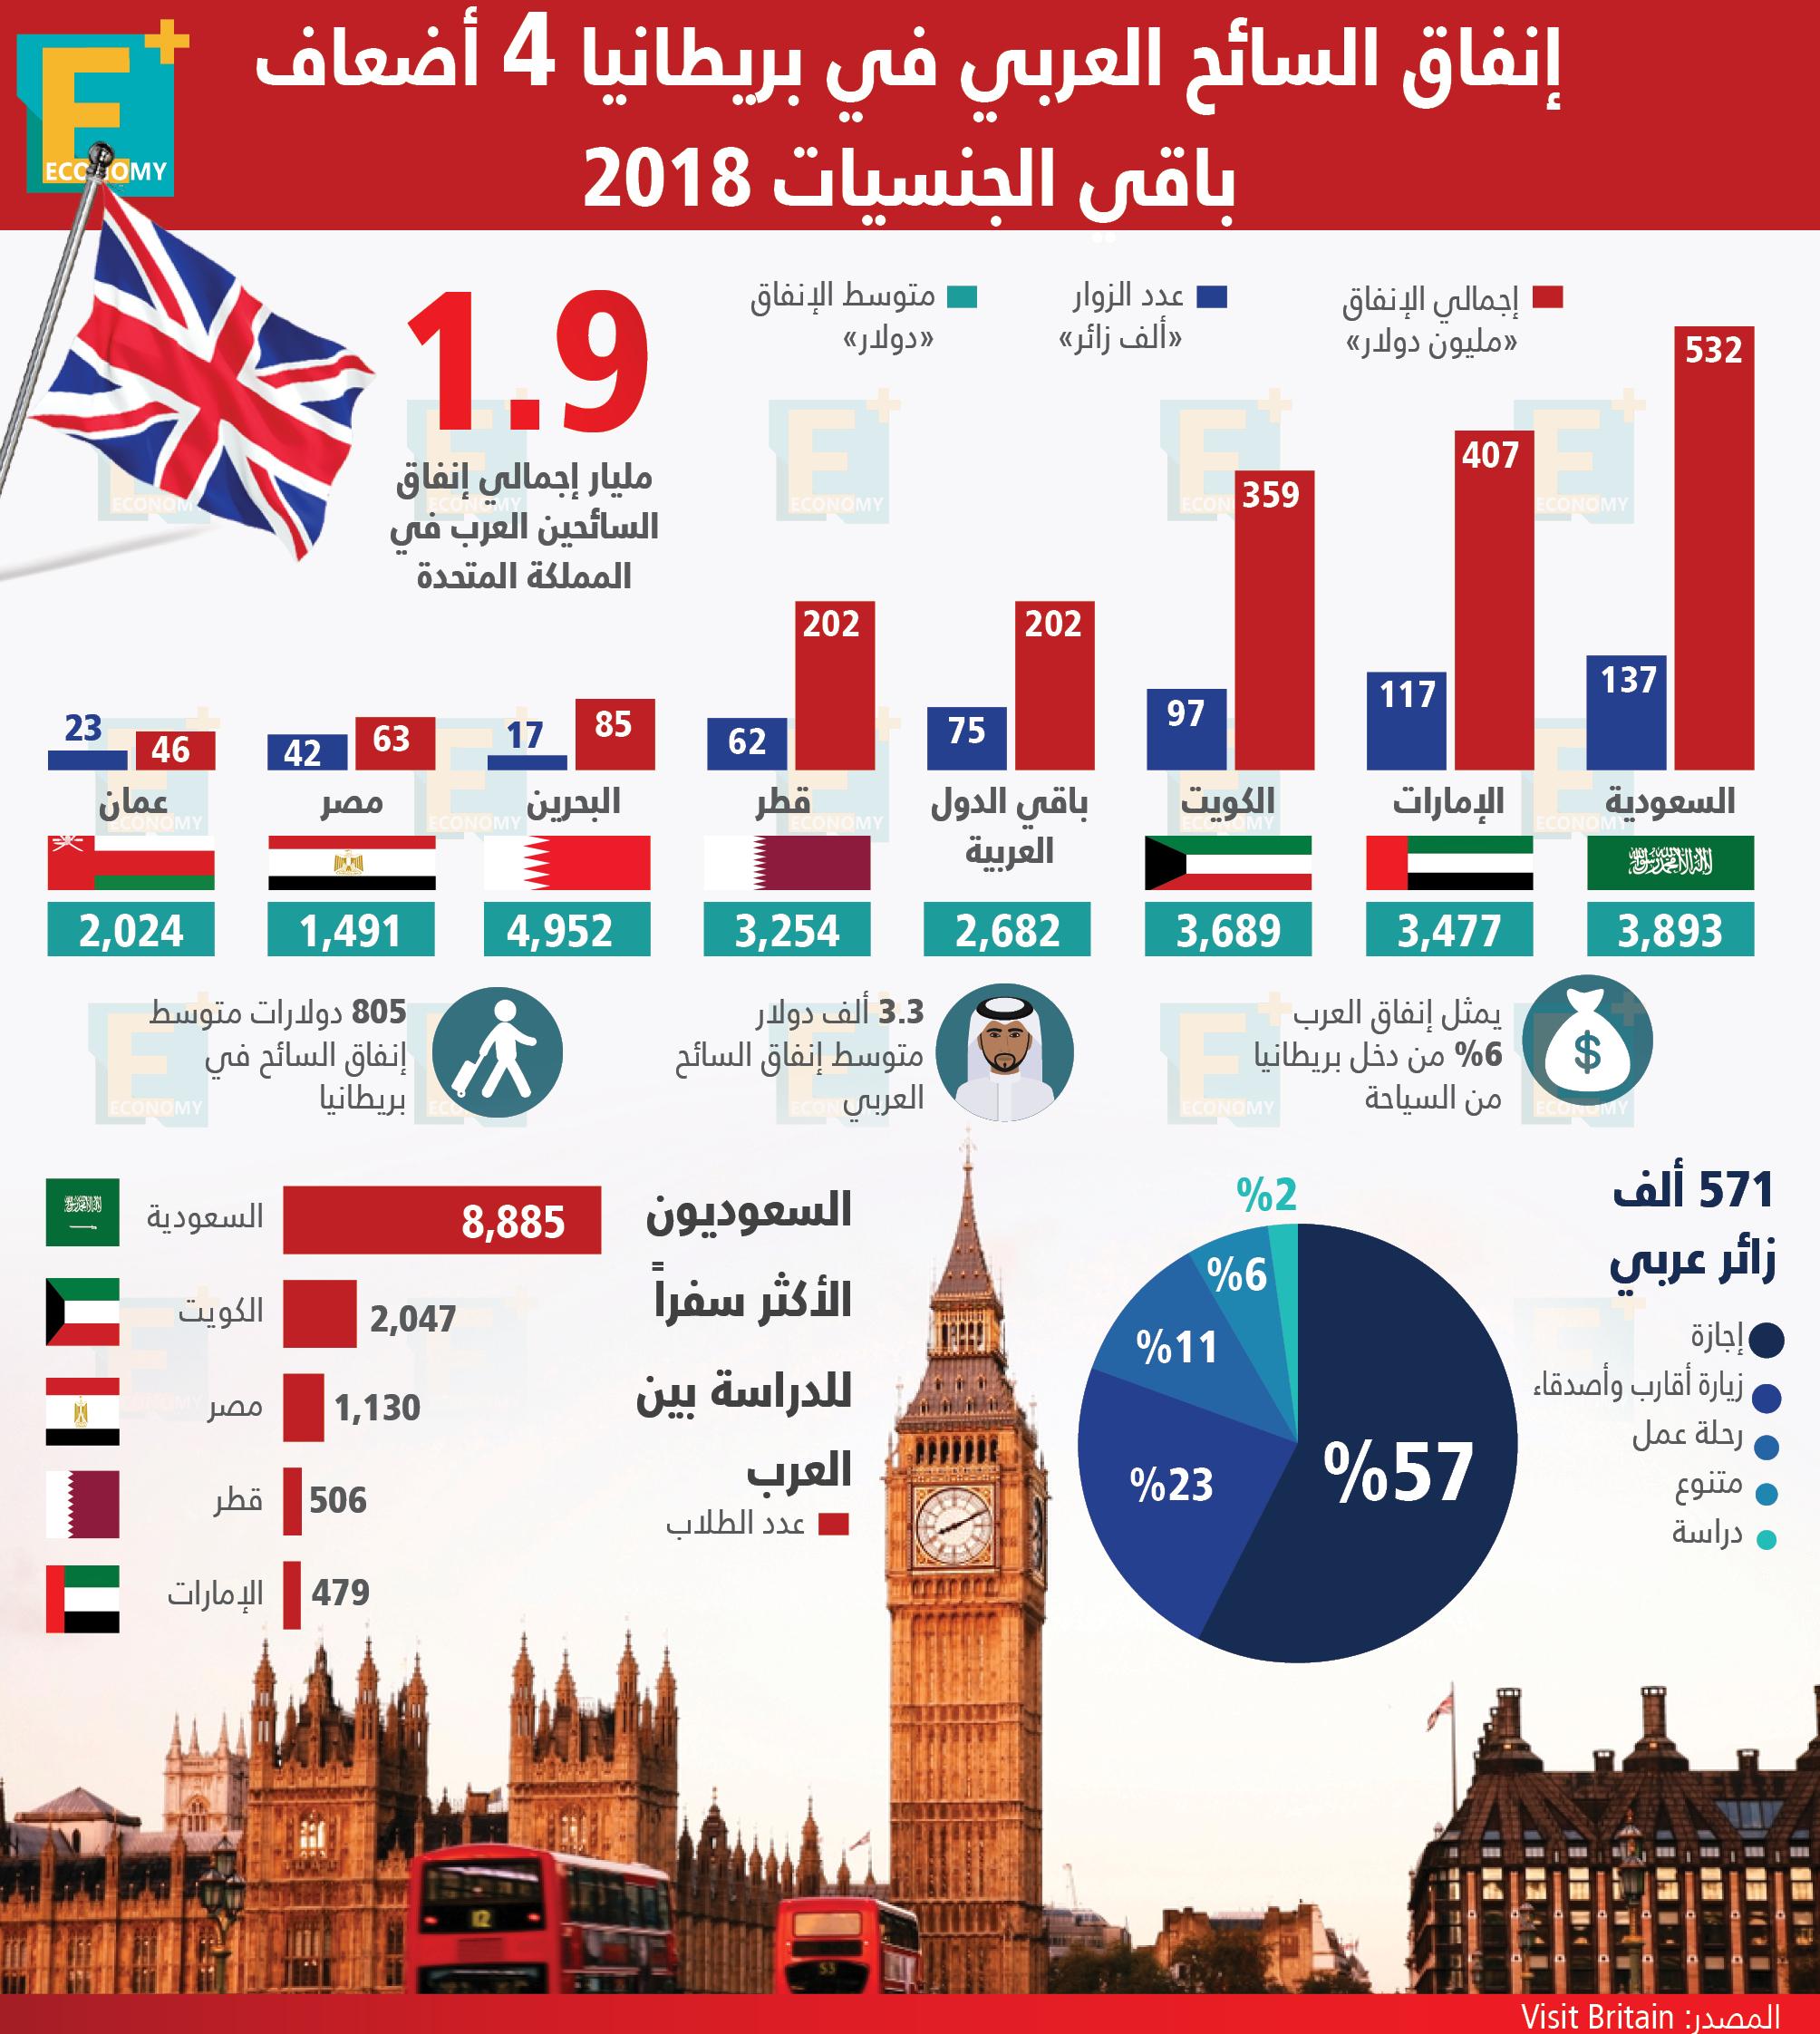 إنفاق السائح العربي في بريطانيا 4 أضعاف باقي الجنسيات 2018